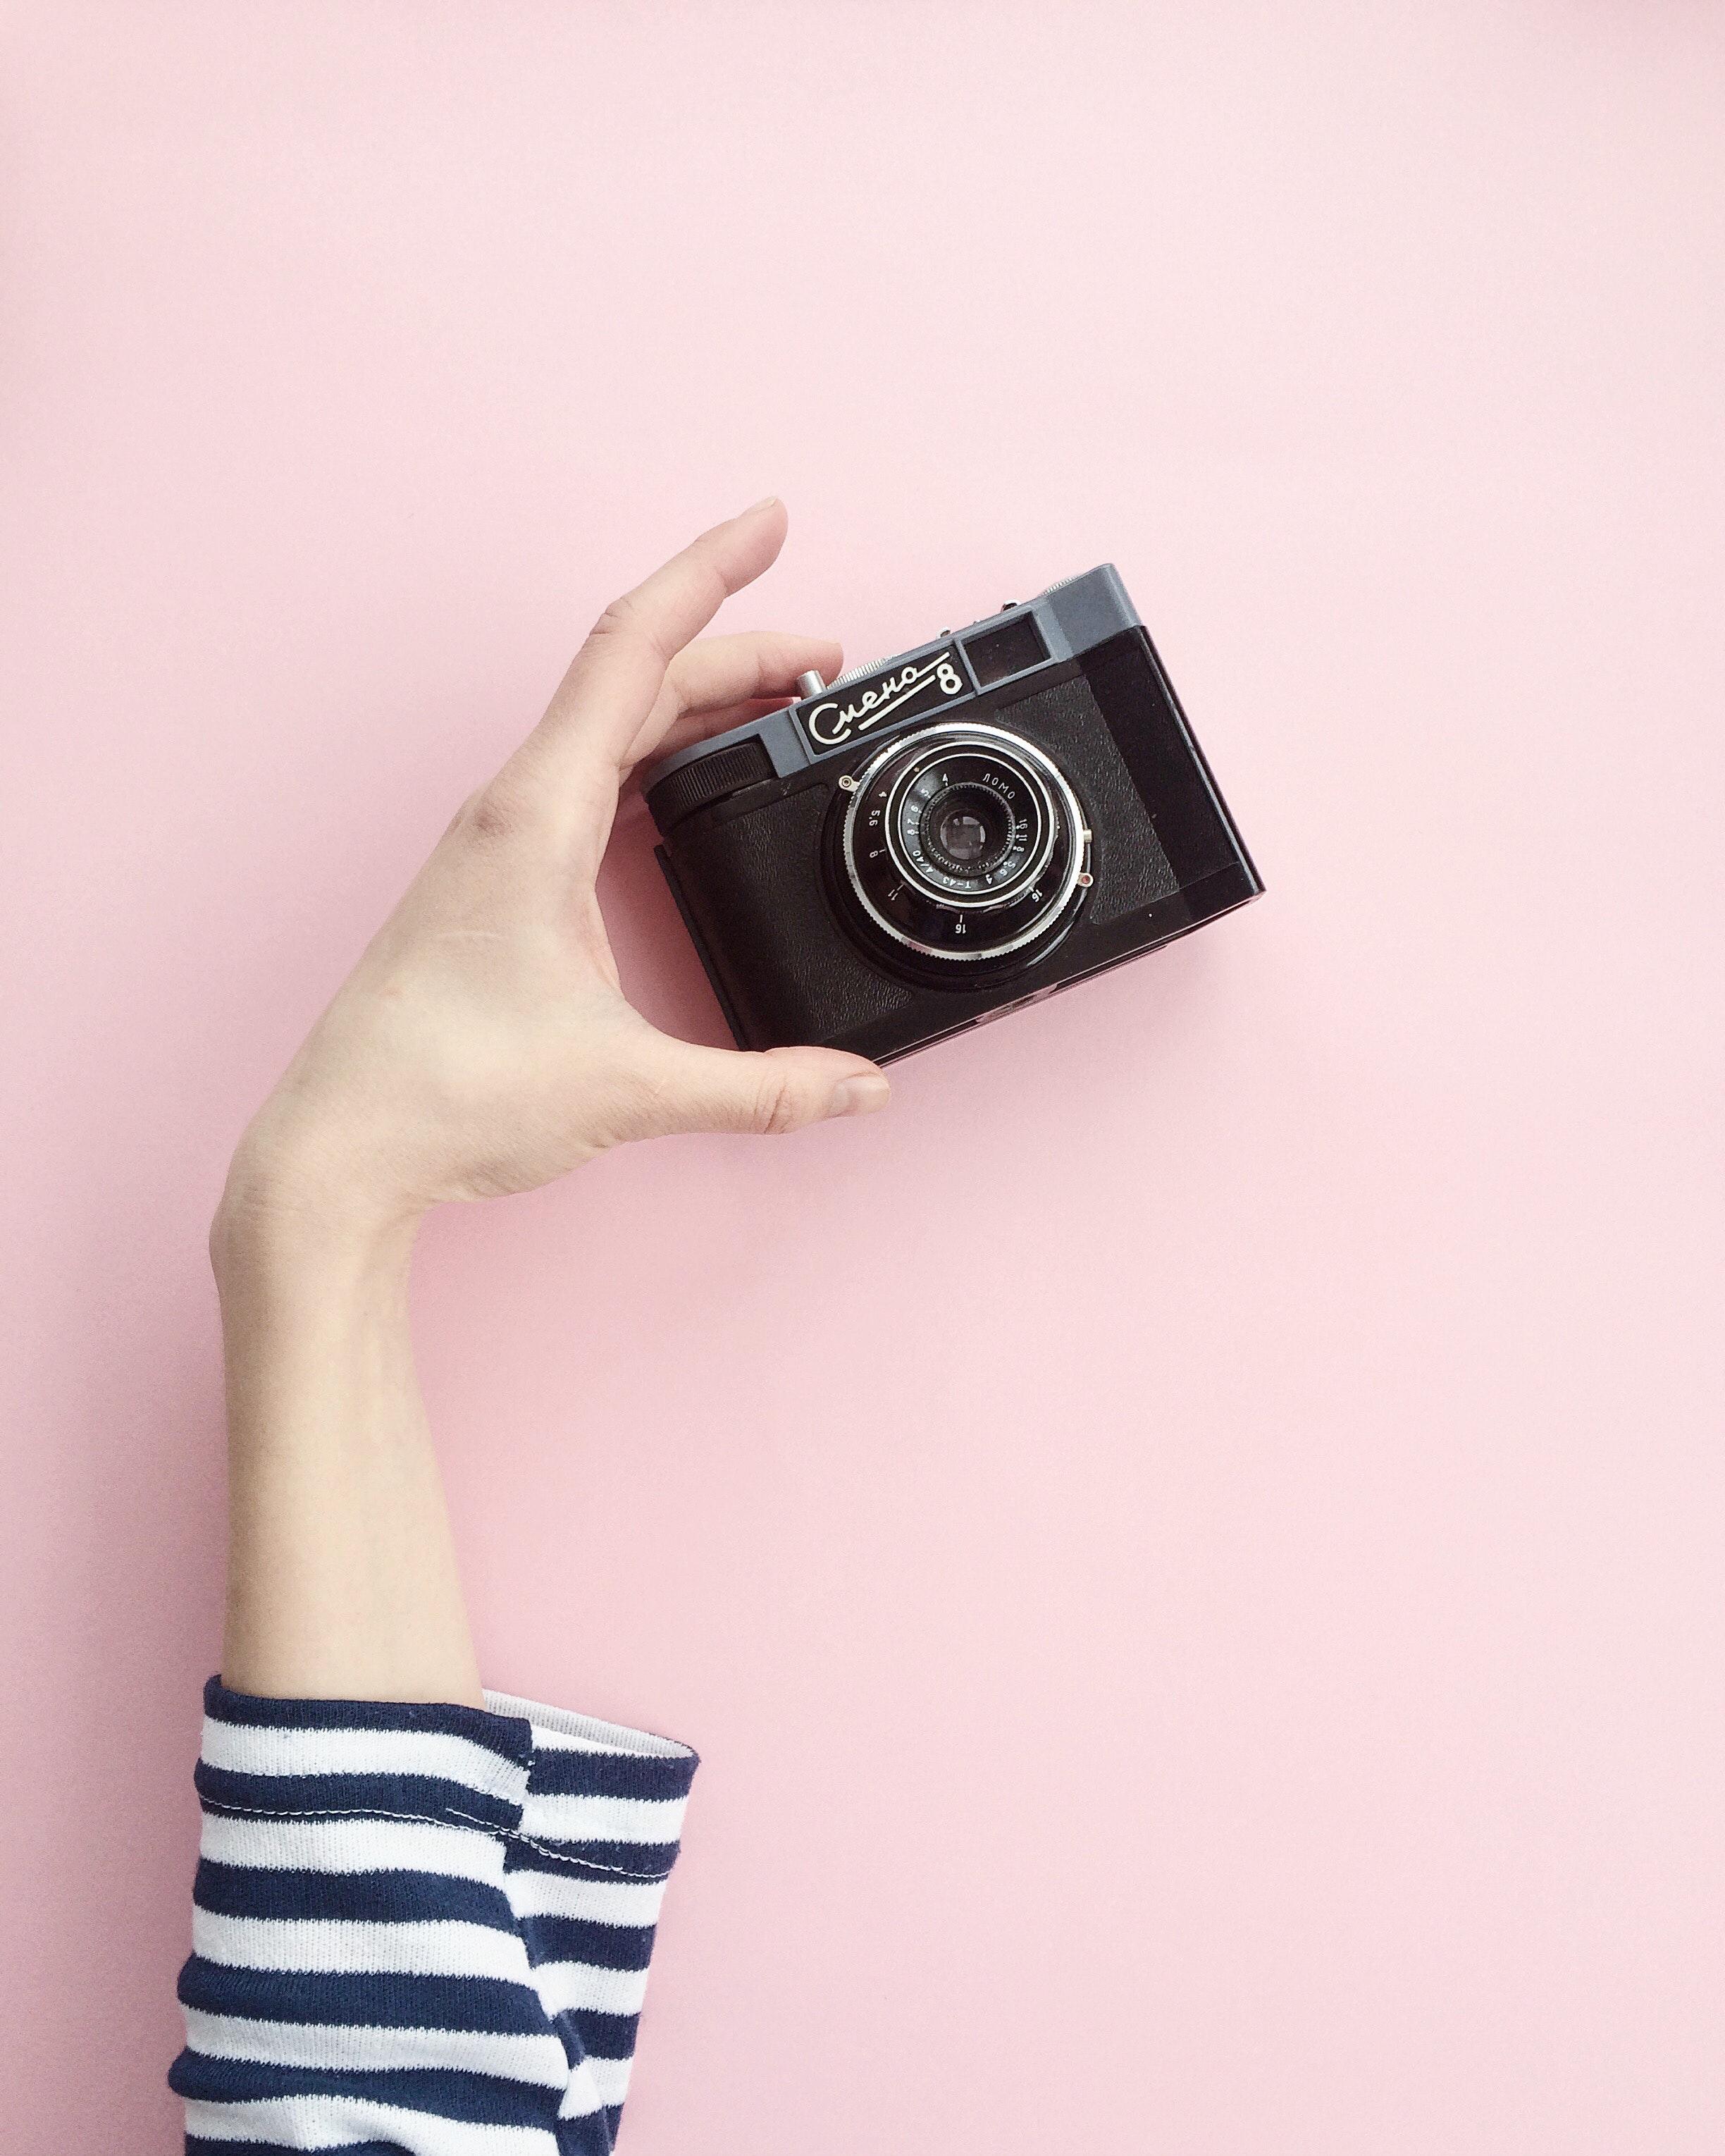 aperture-camera-classic-1030928.jpg